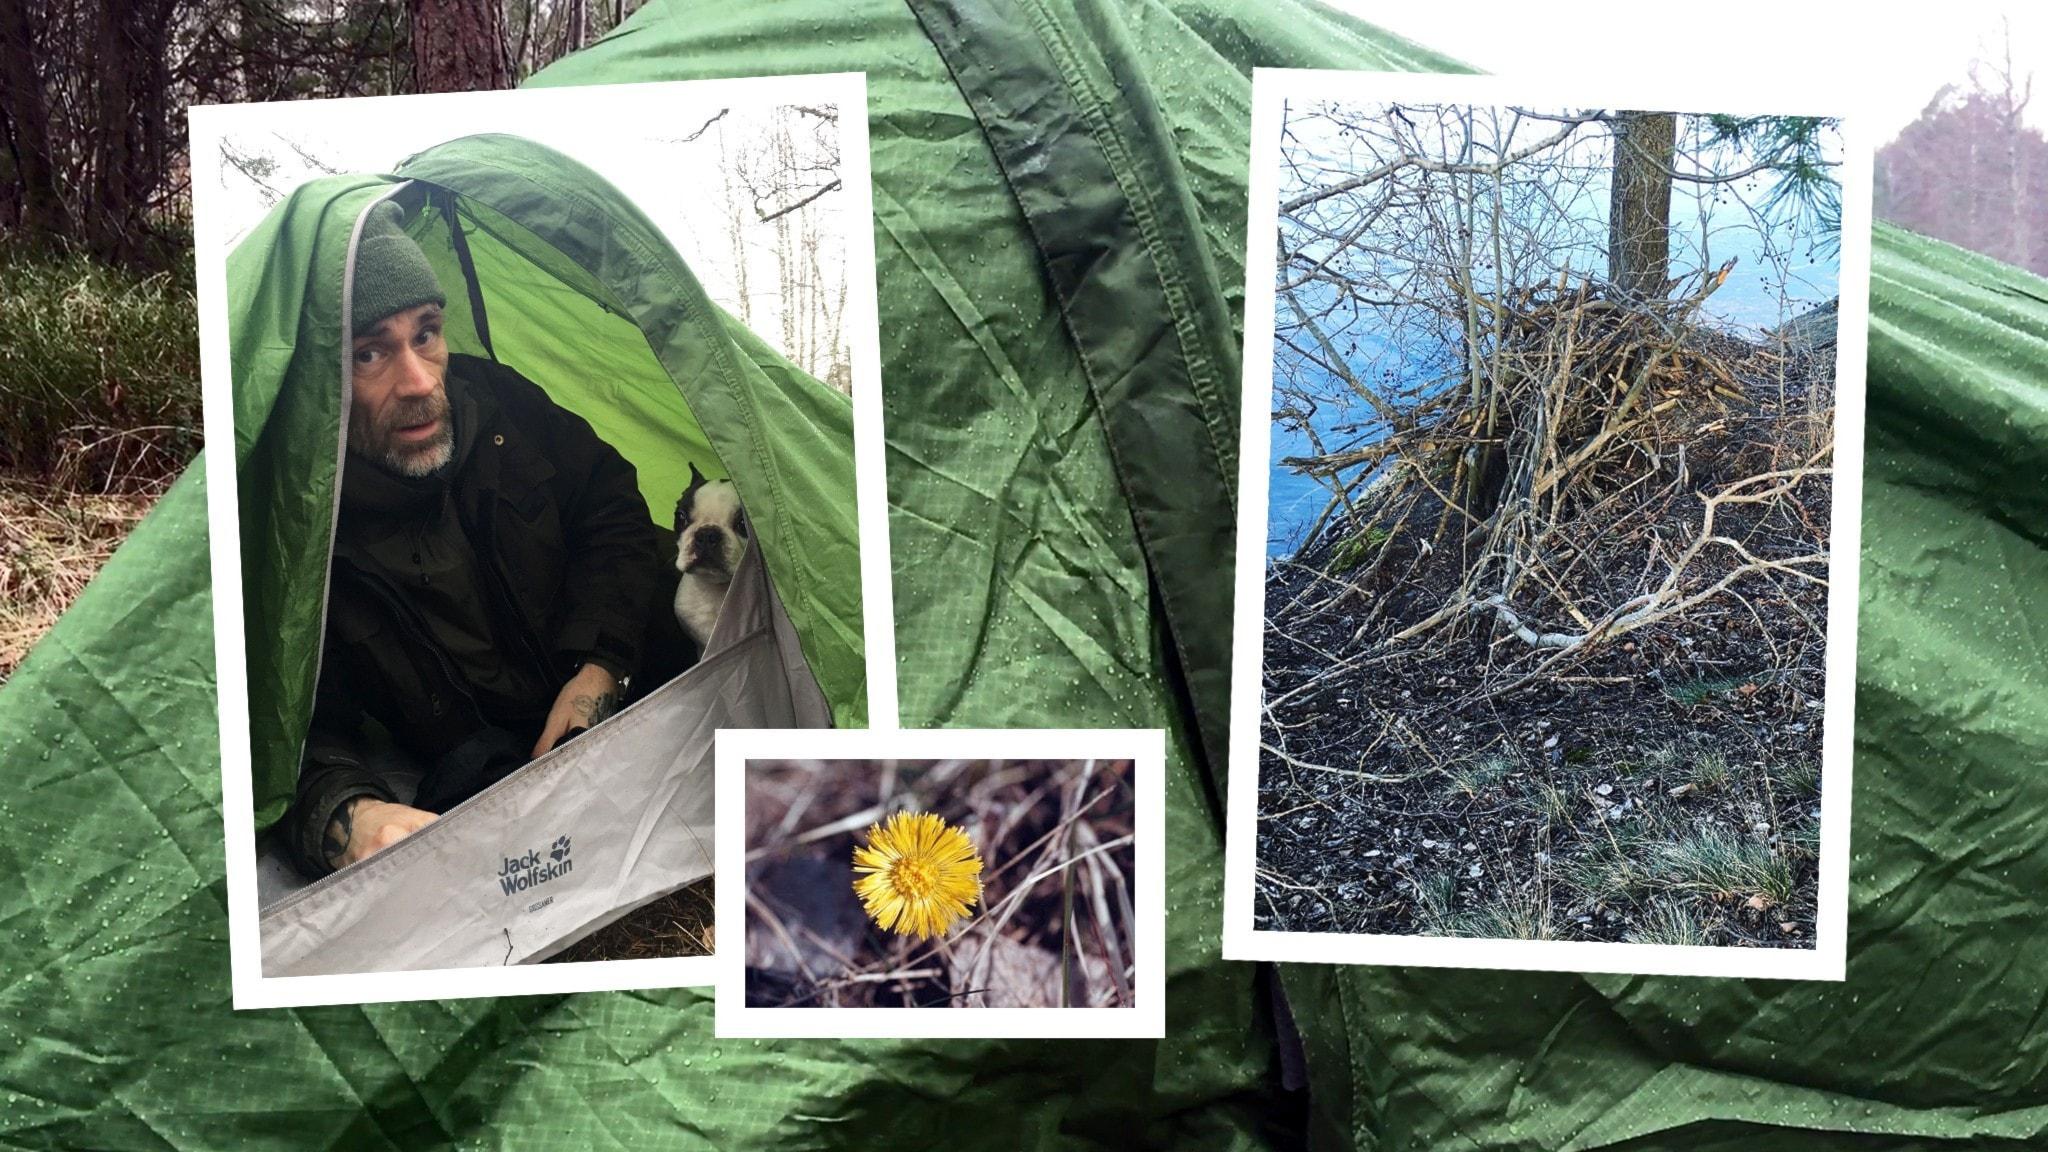 Jonas och hunden Puck har sovit i tält och vaknar upp vid en sjö där de hittar tussilago och en bäverhydda.